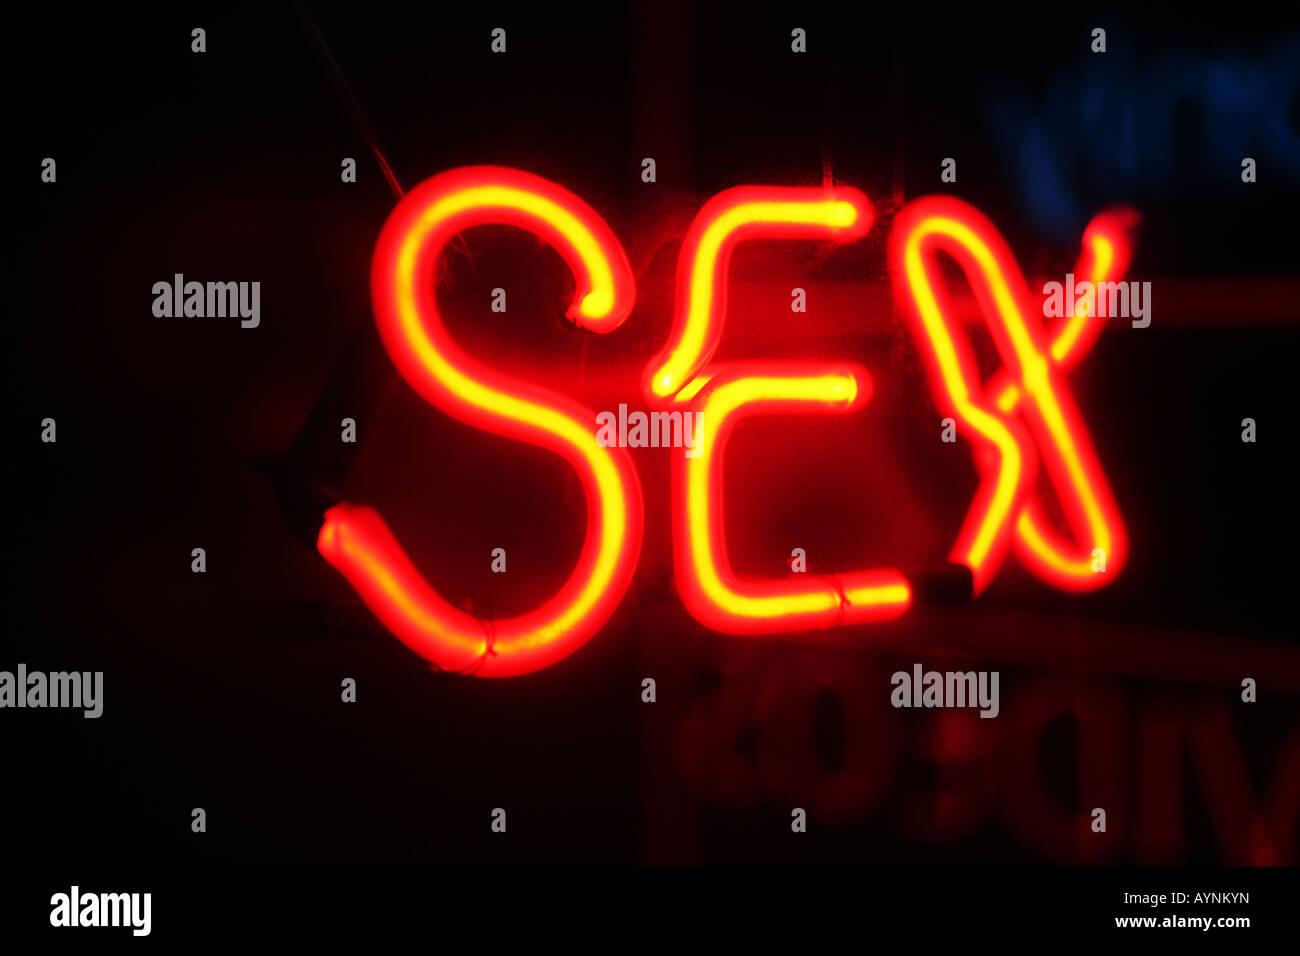 Soho sex in